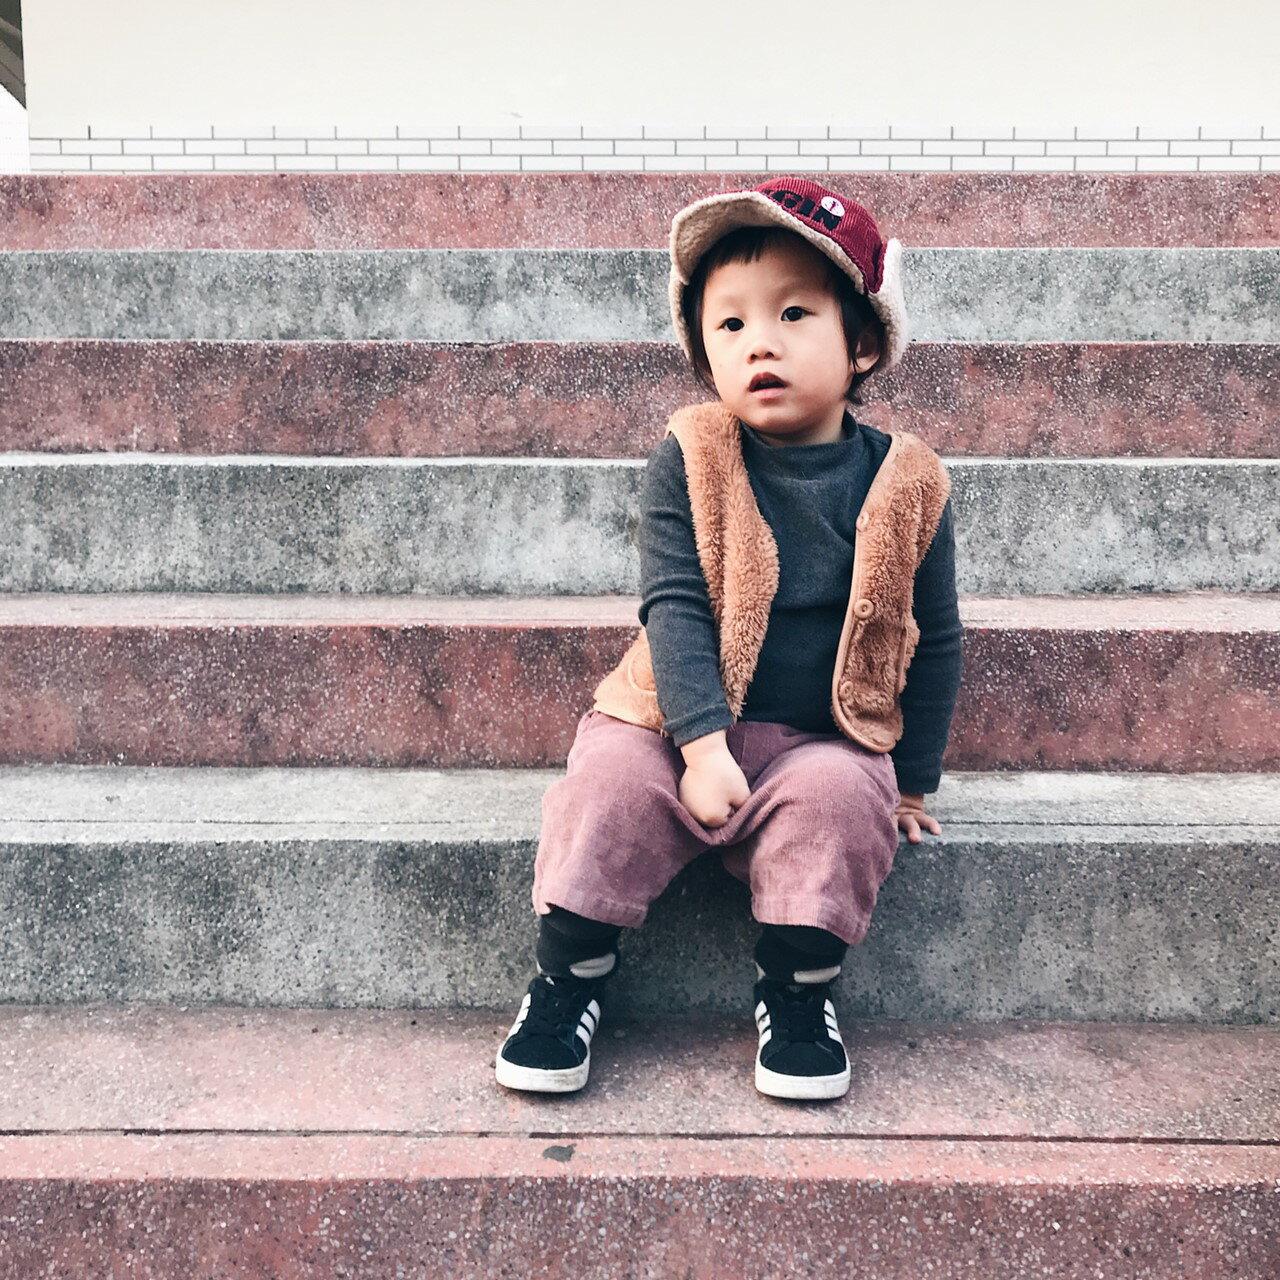 小萌毛絨開扣背心 內搭 單穿 中性款 夾克 外套 背心 橘魔法 男童 女童 現貨 兒童 童裝【p0061196258356】 6